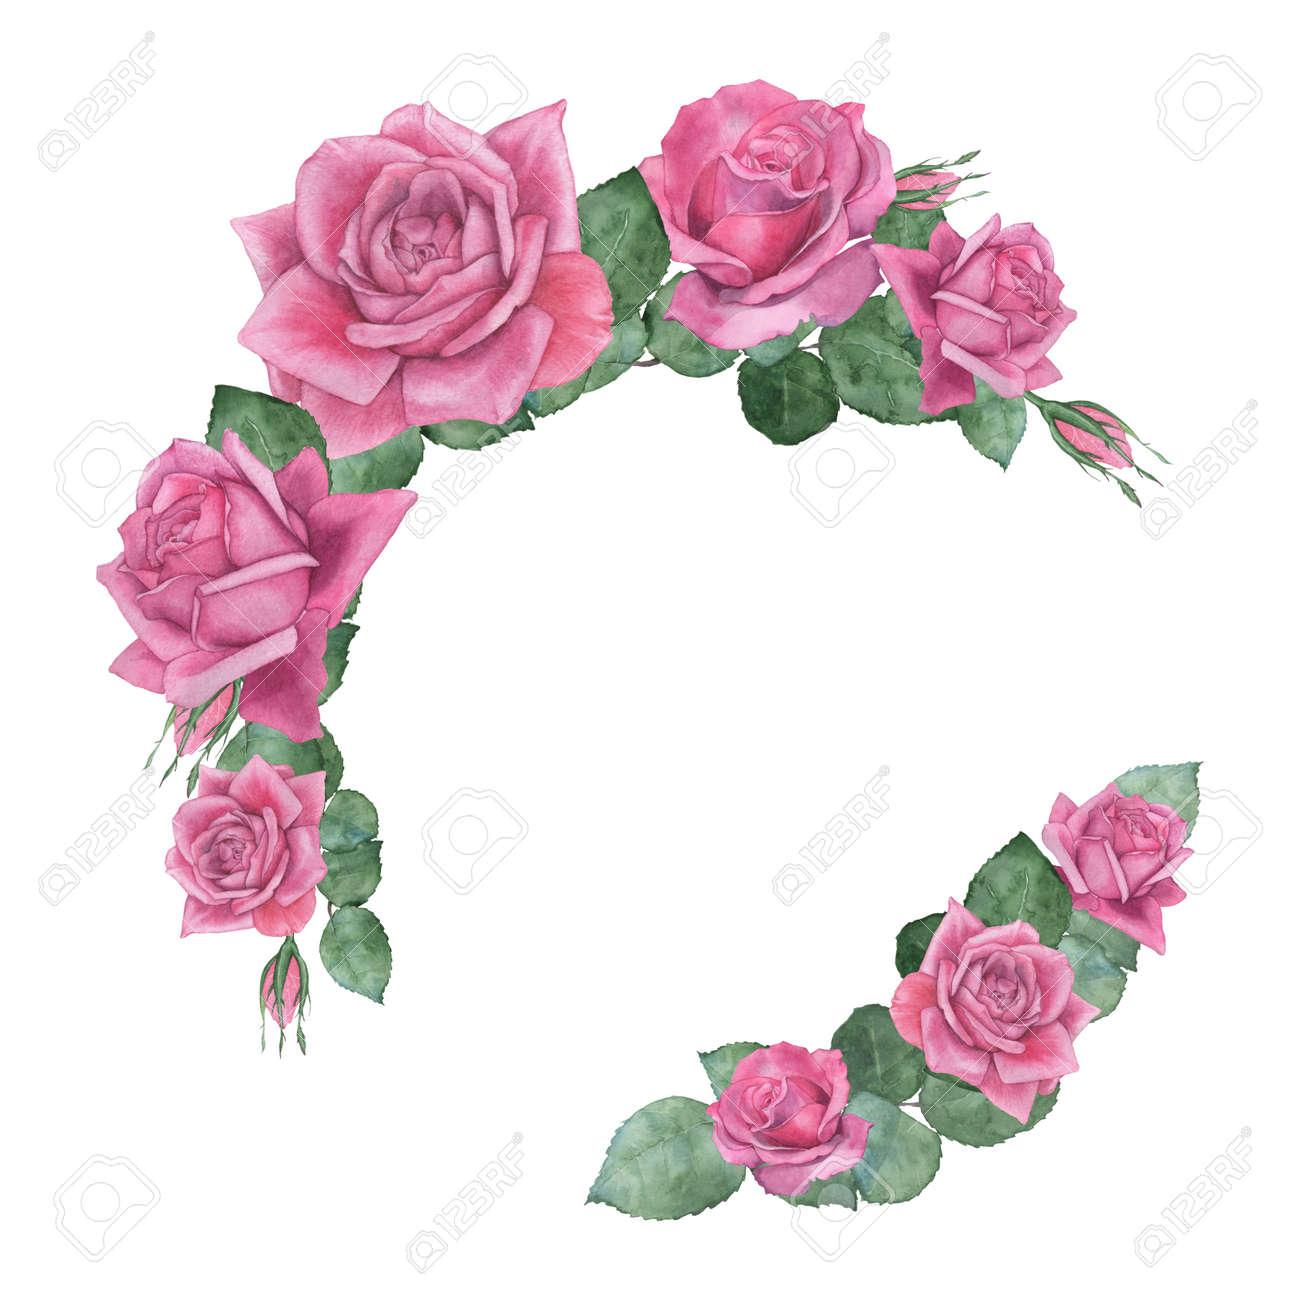 foto de archivo marco de rosas pintura de acuarela dibujo a mano plantilla para el diseo de invitaciones de boda invitaciones carteles